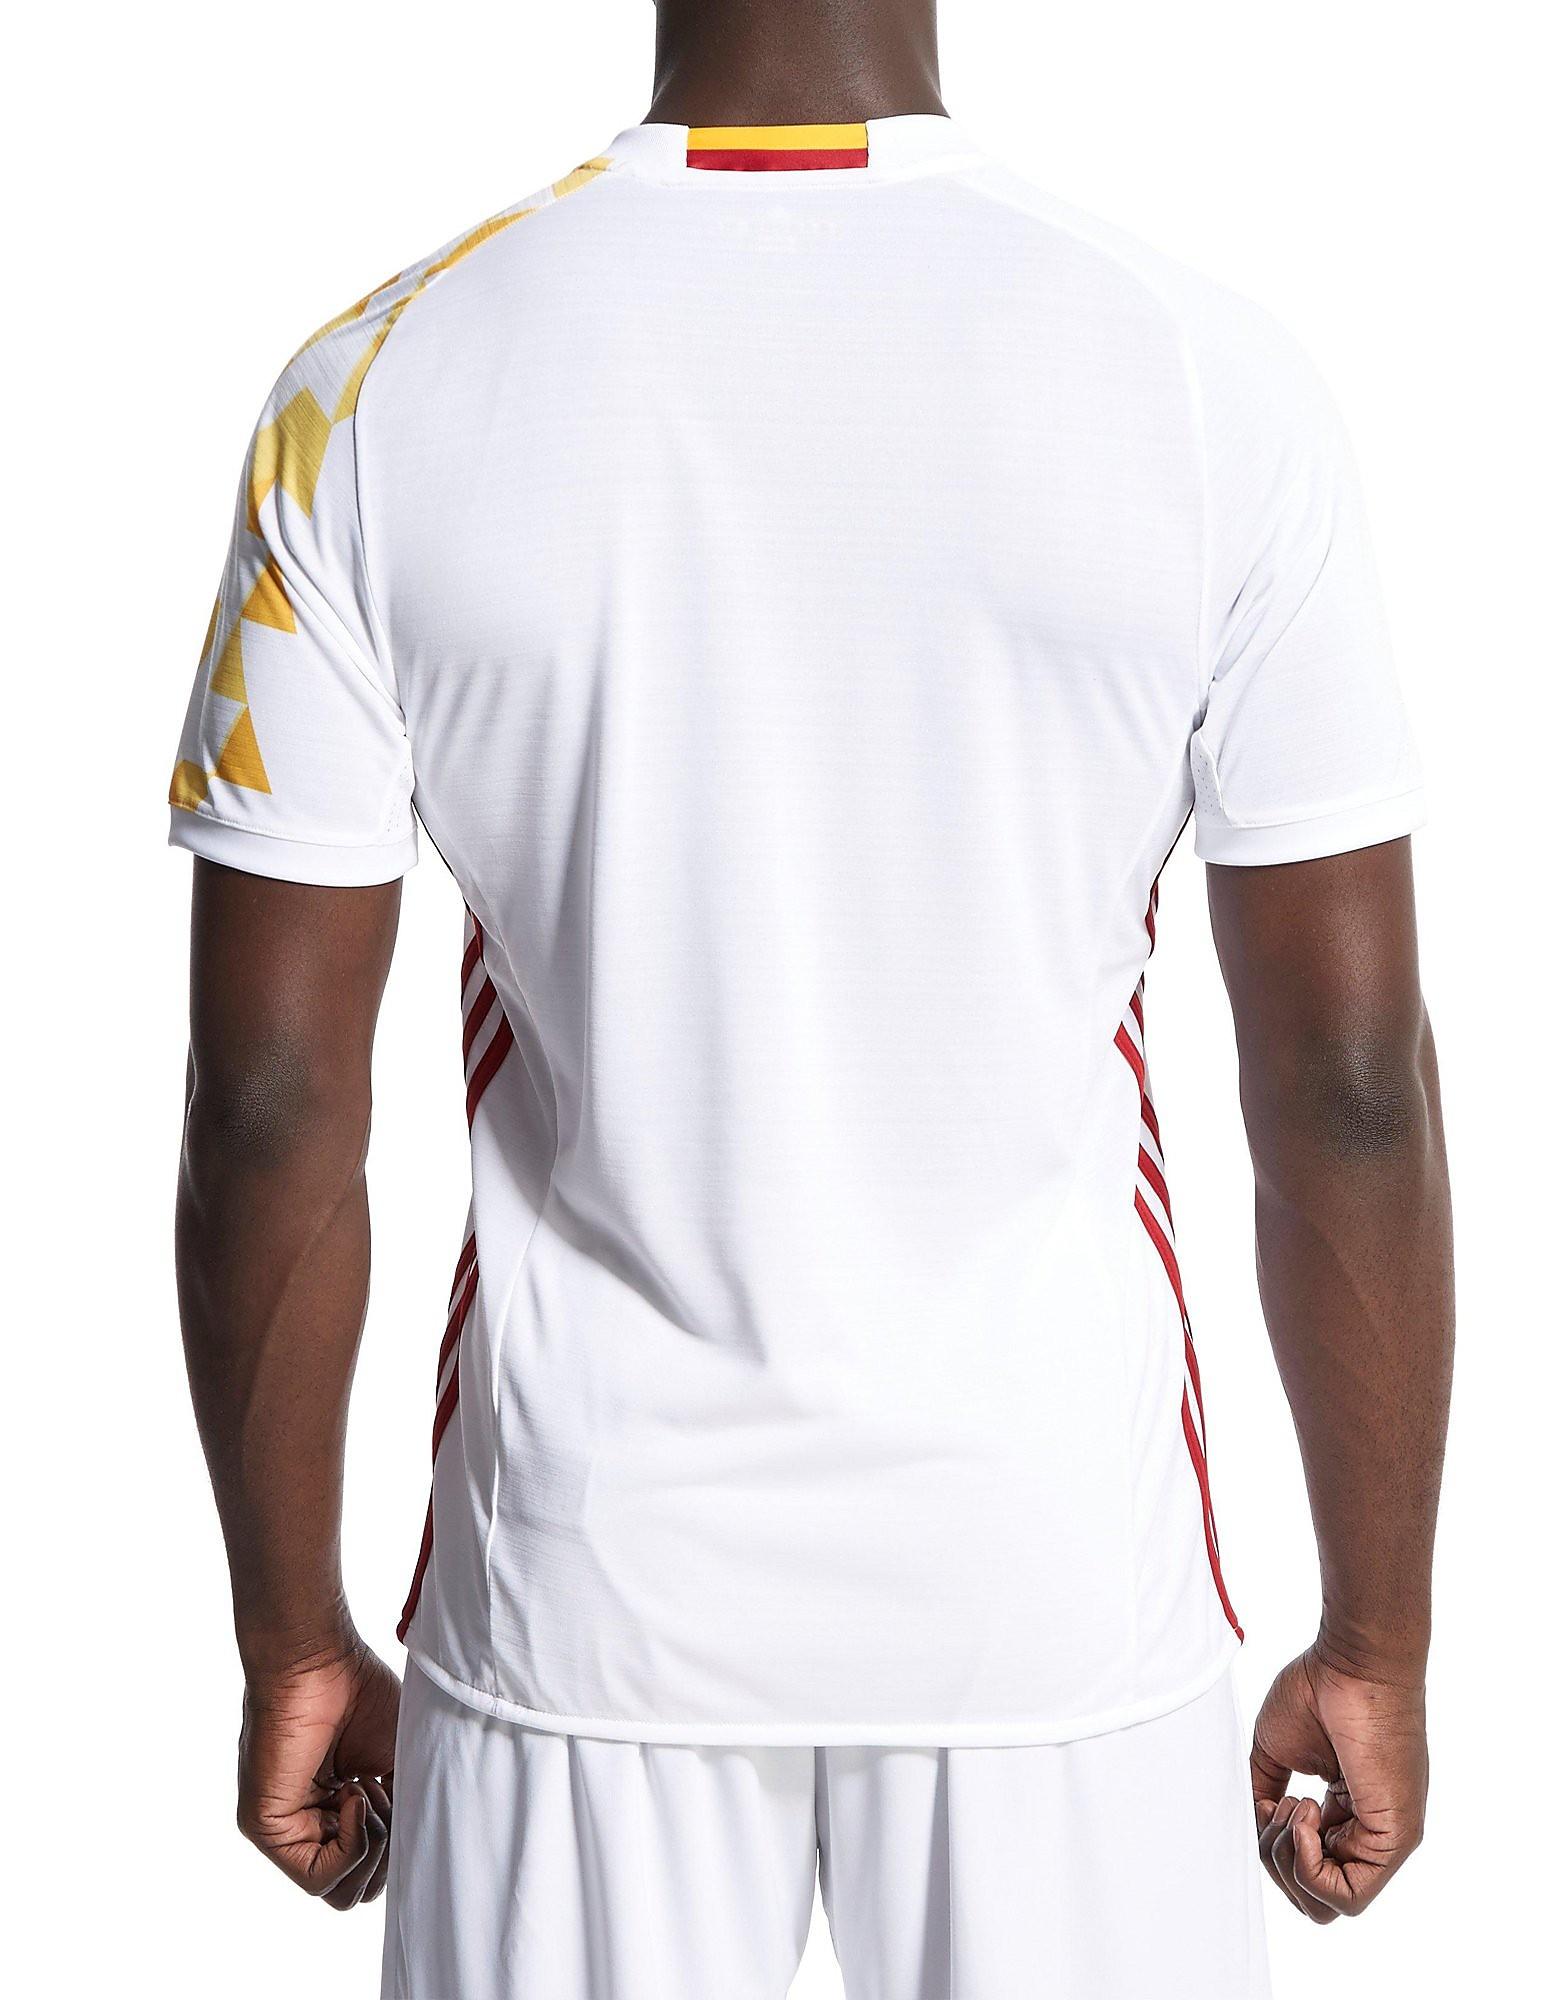 adidas Spain 2016 Away Shirt